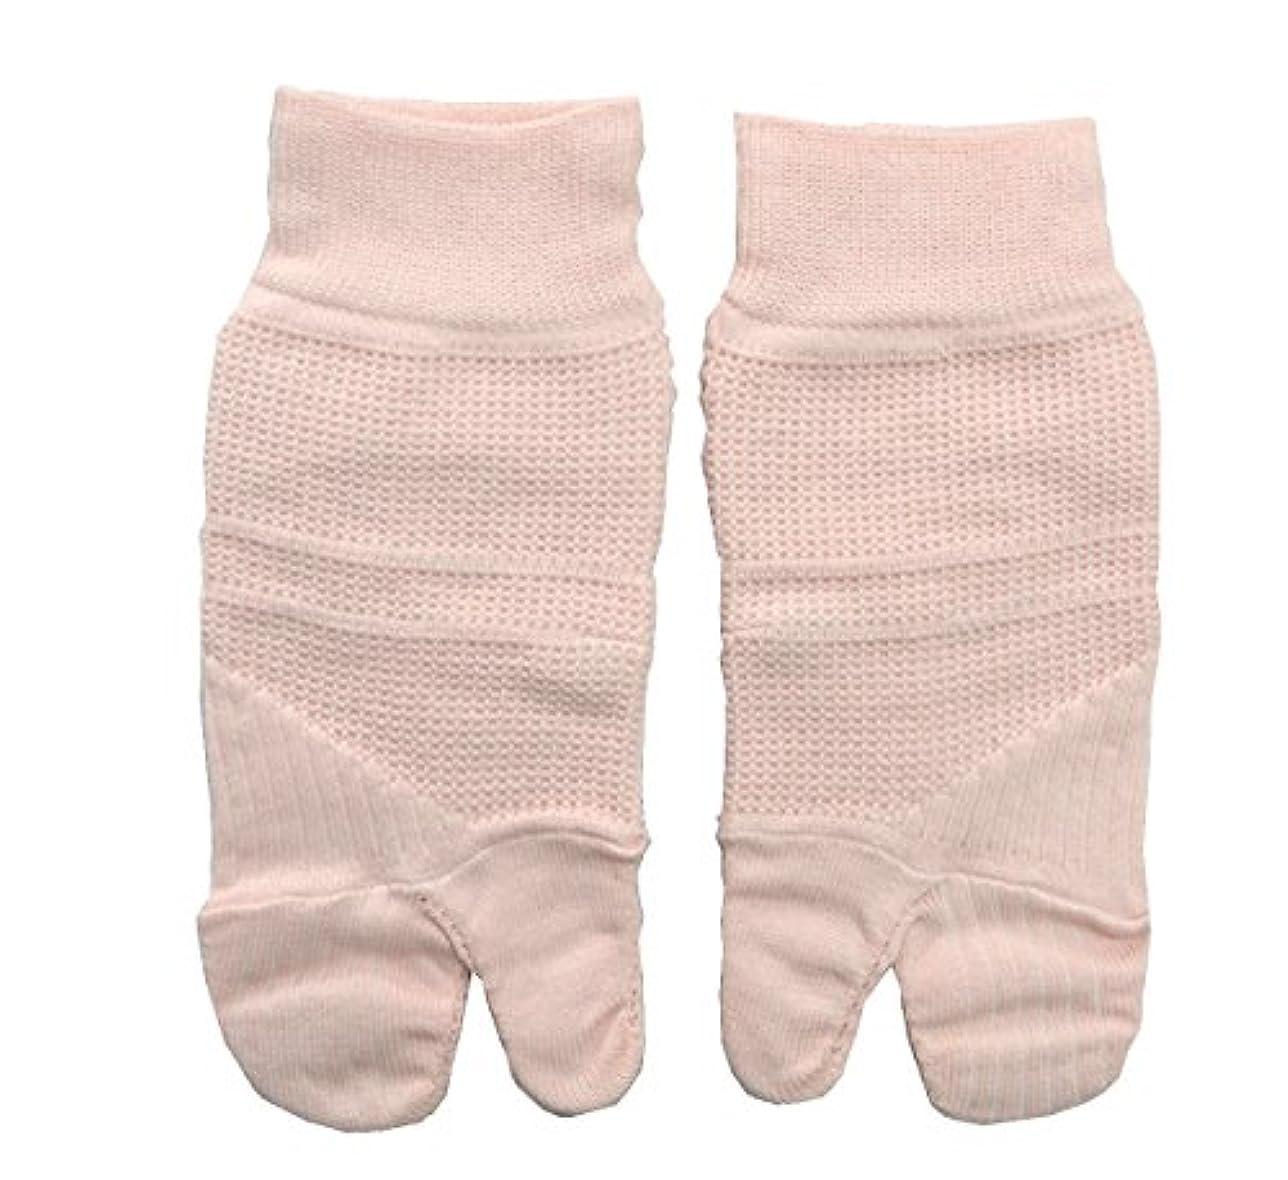 休日義務手配する外反母趾対策靴下(通常タイプ) 着用後でもサイズ交換無料??着用後でも返品可